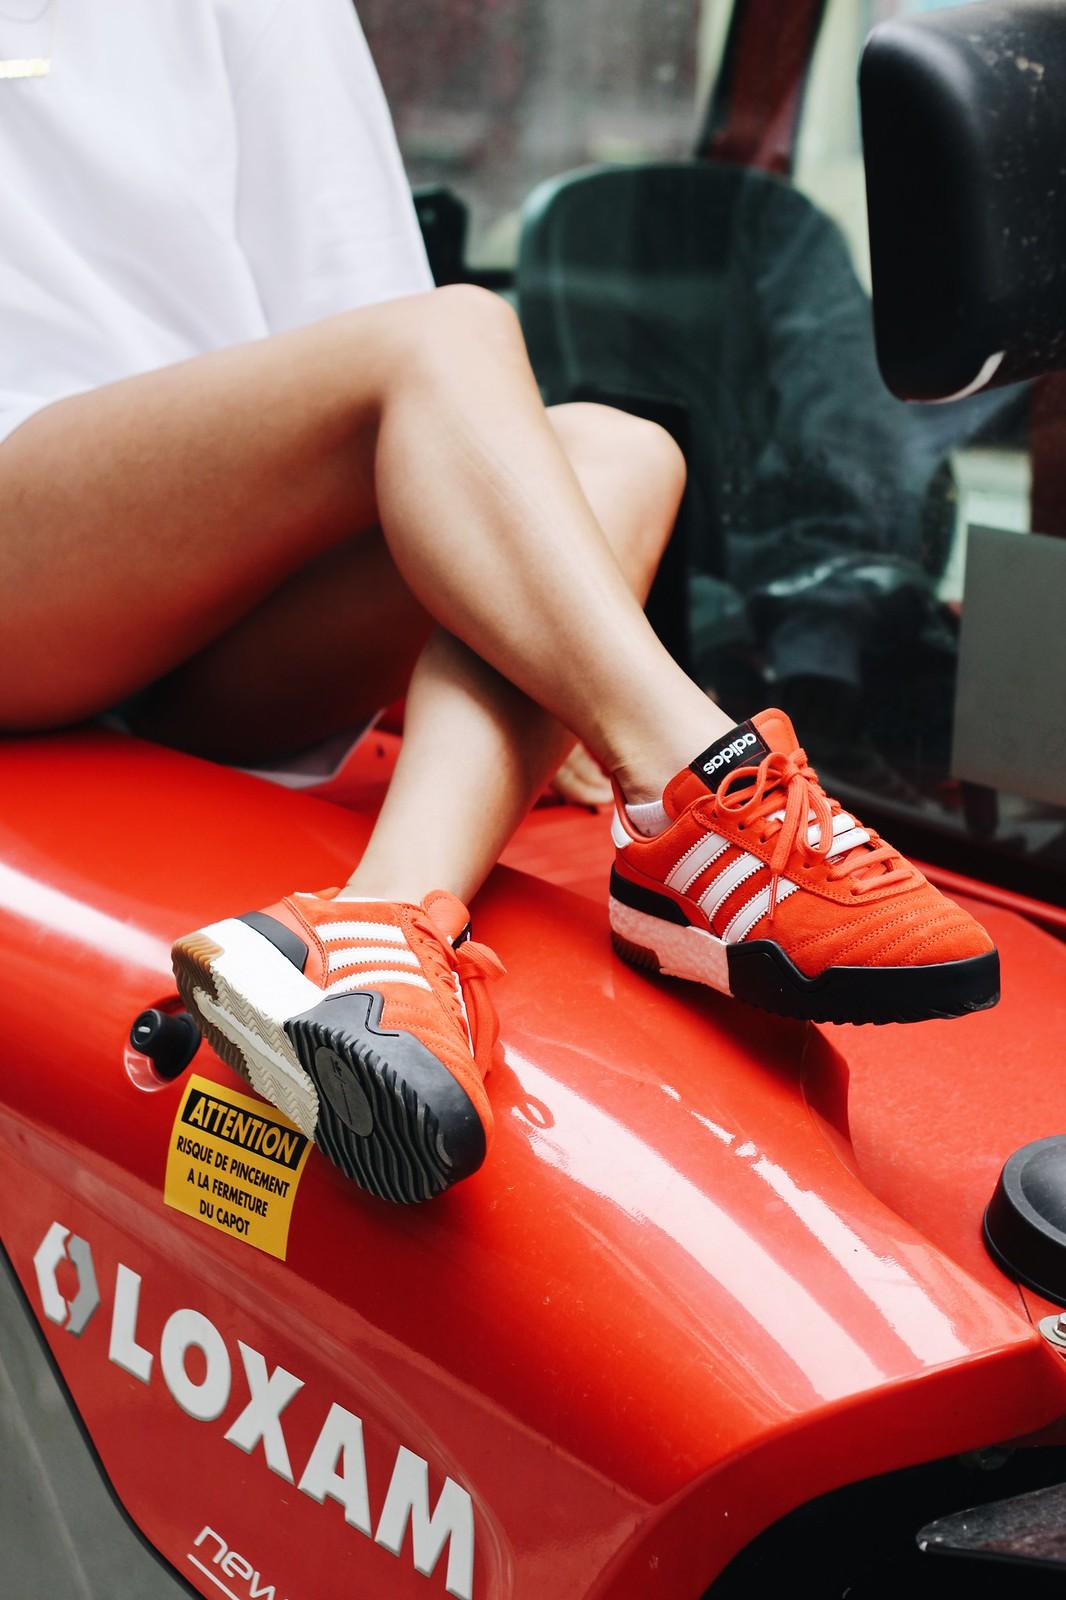 téva sartori samsoe adidas alexander wang 7